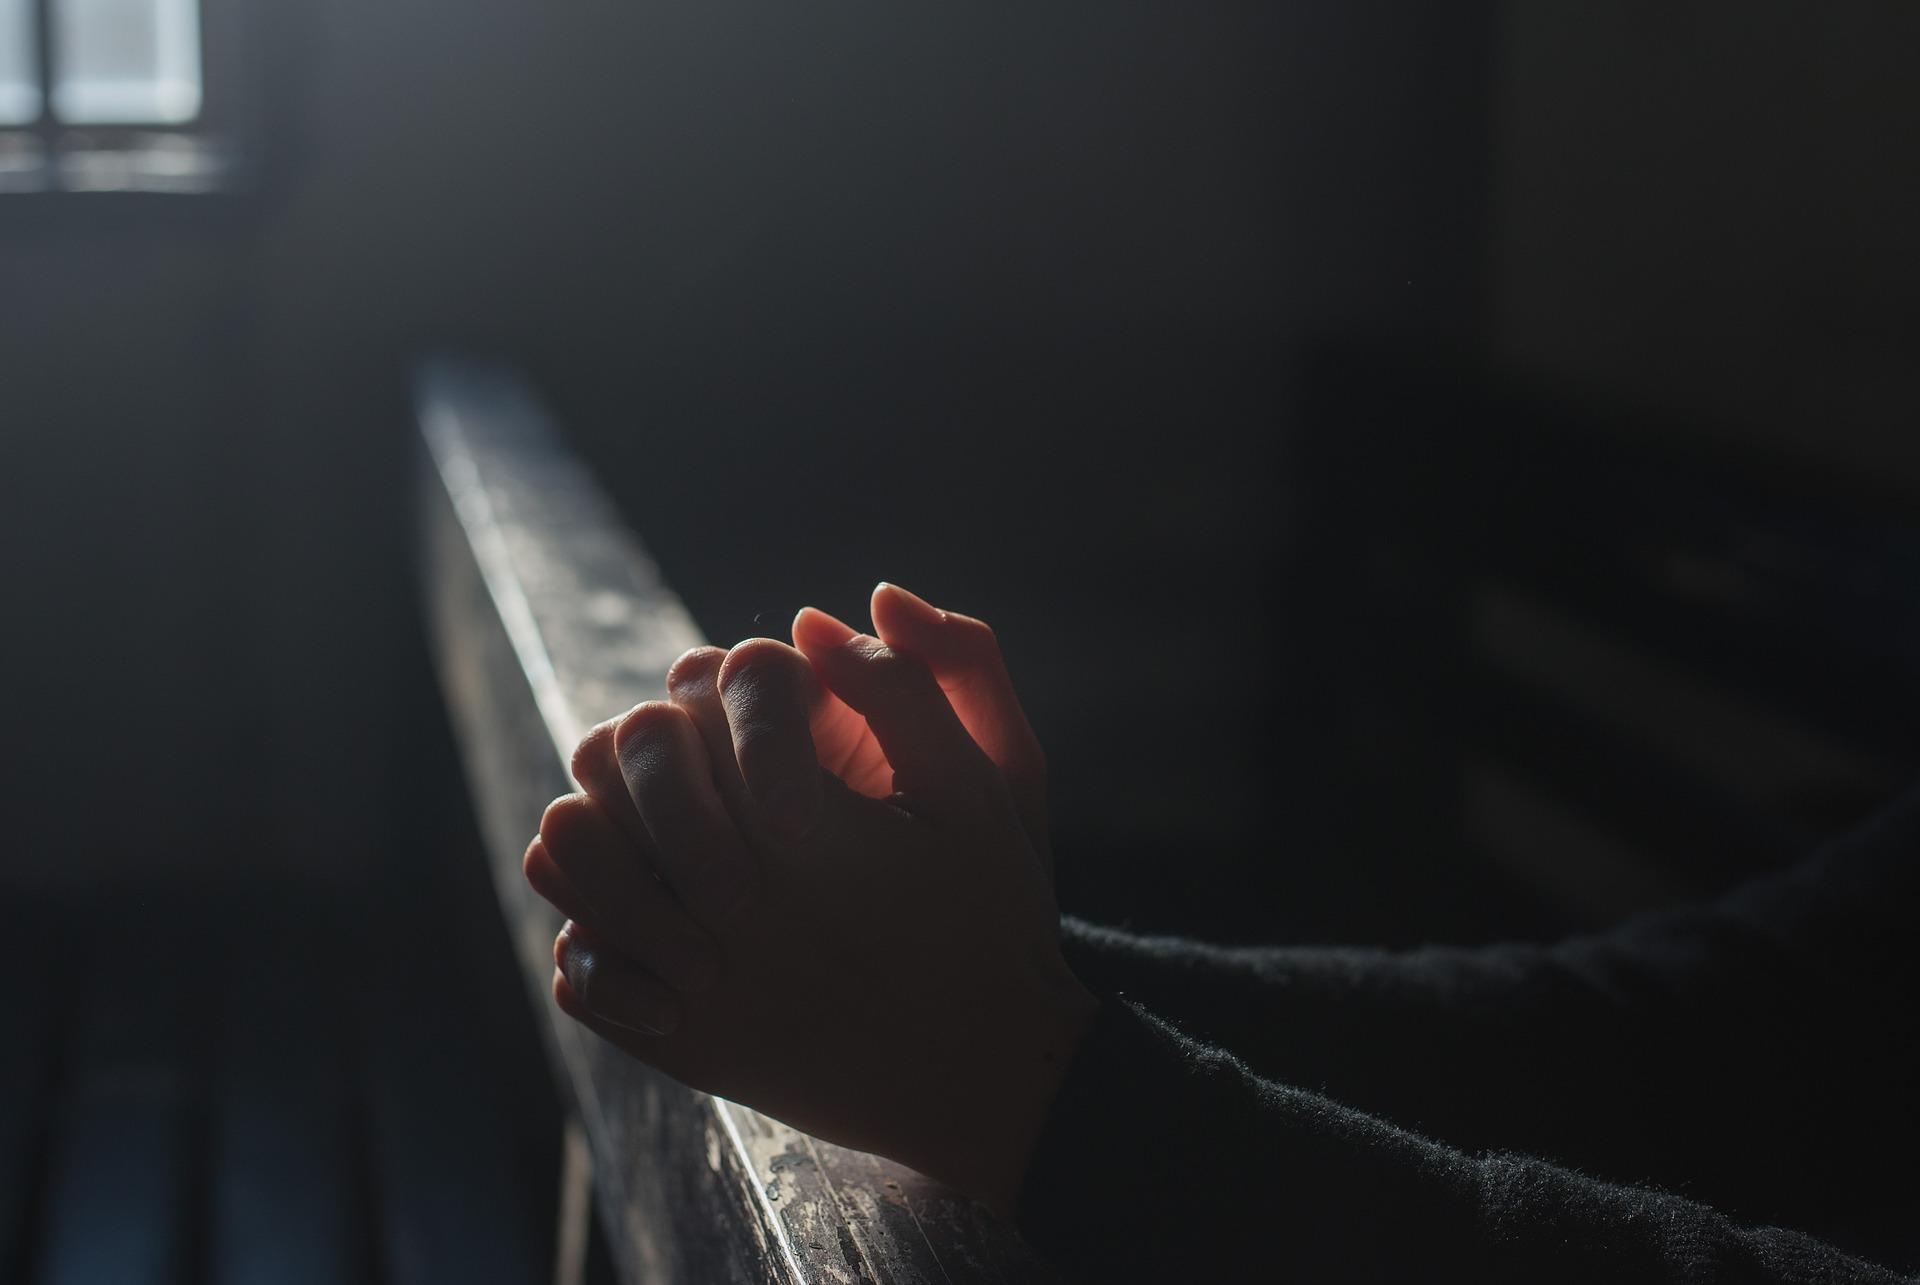 ありがとうと祈りをしている女性の手元の画像